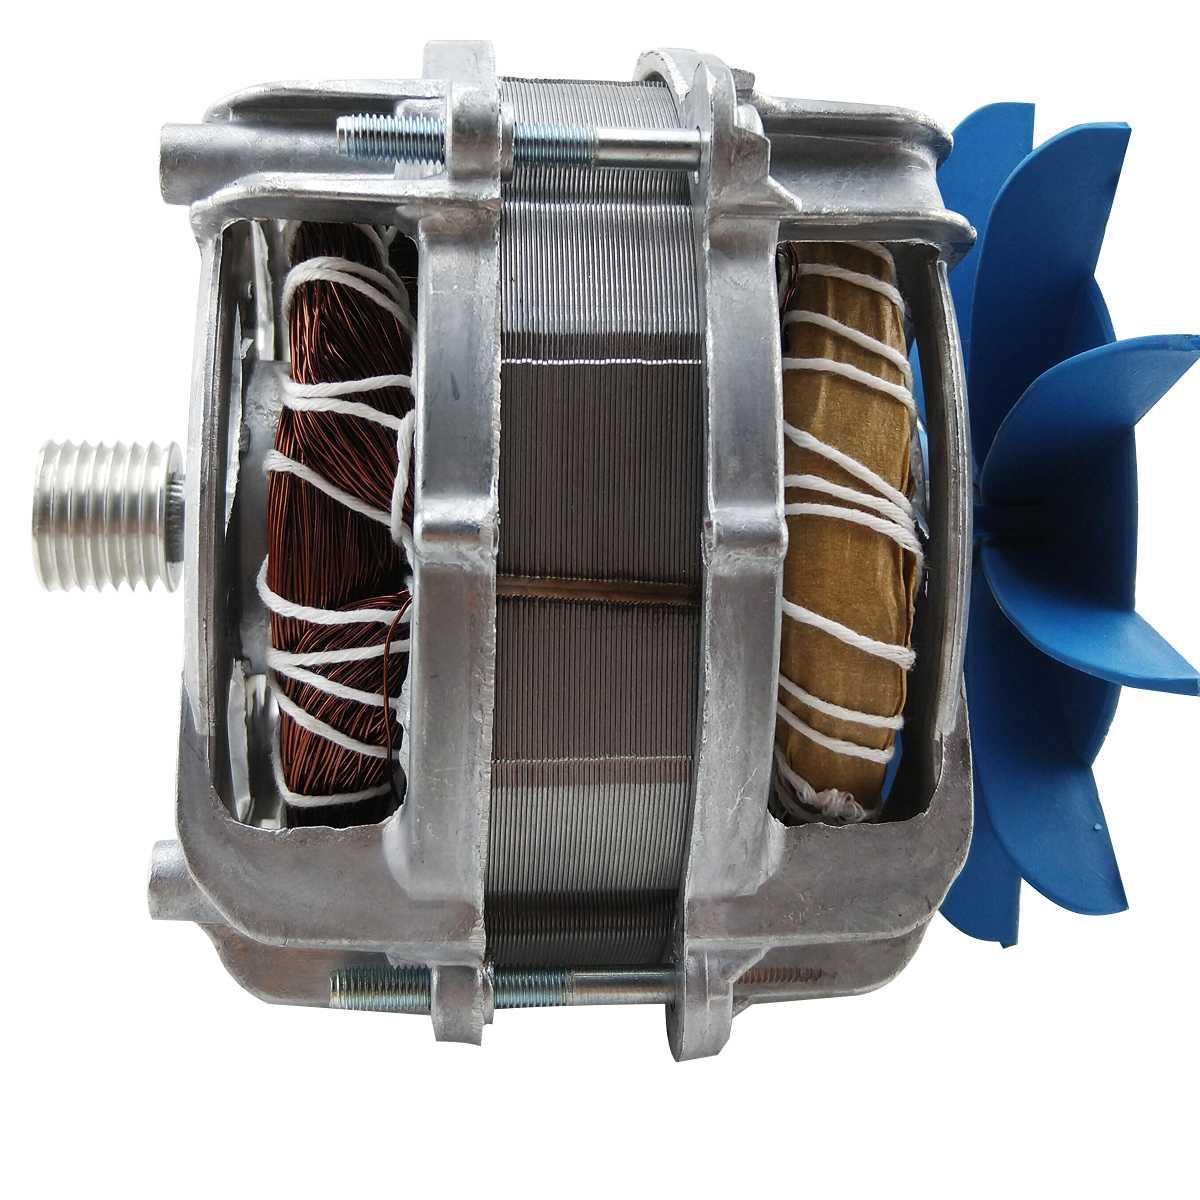 Motor tanquinho Colormaq pollia estriada 127v